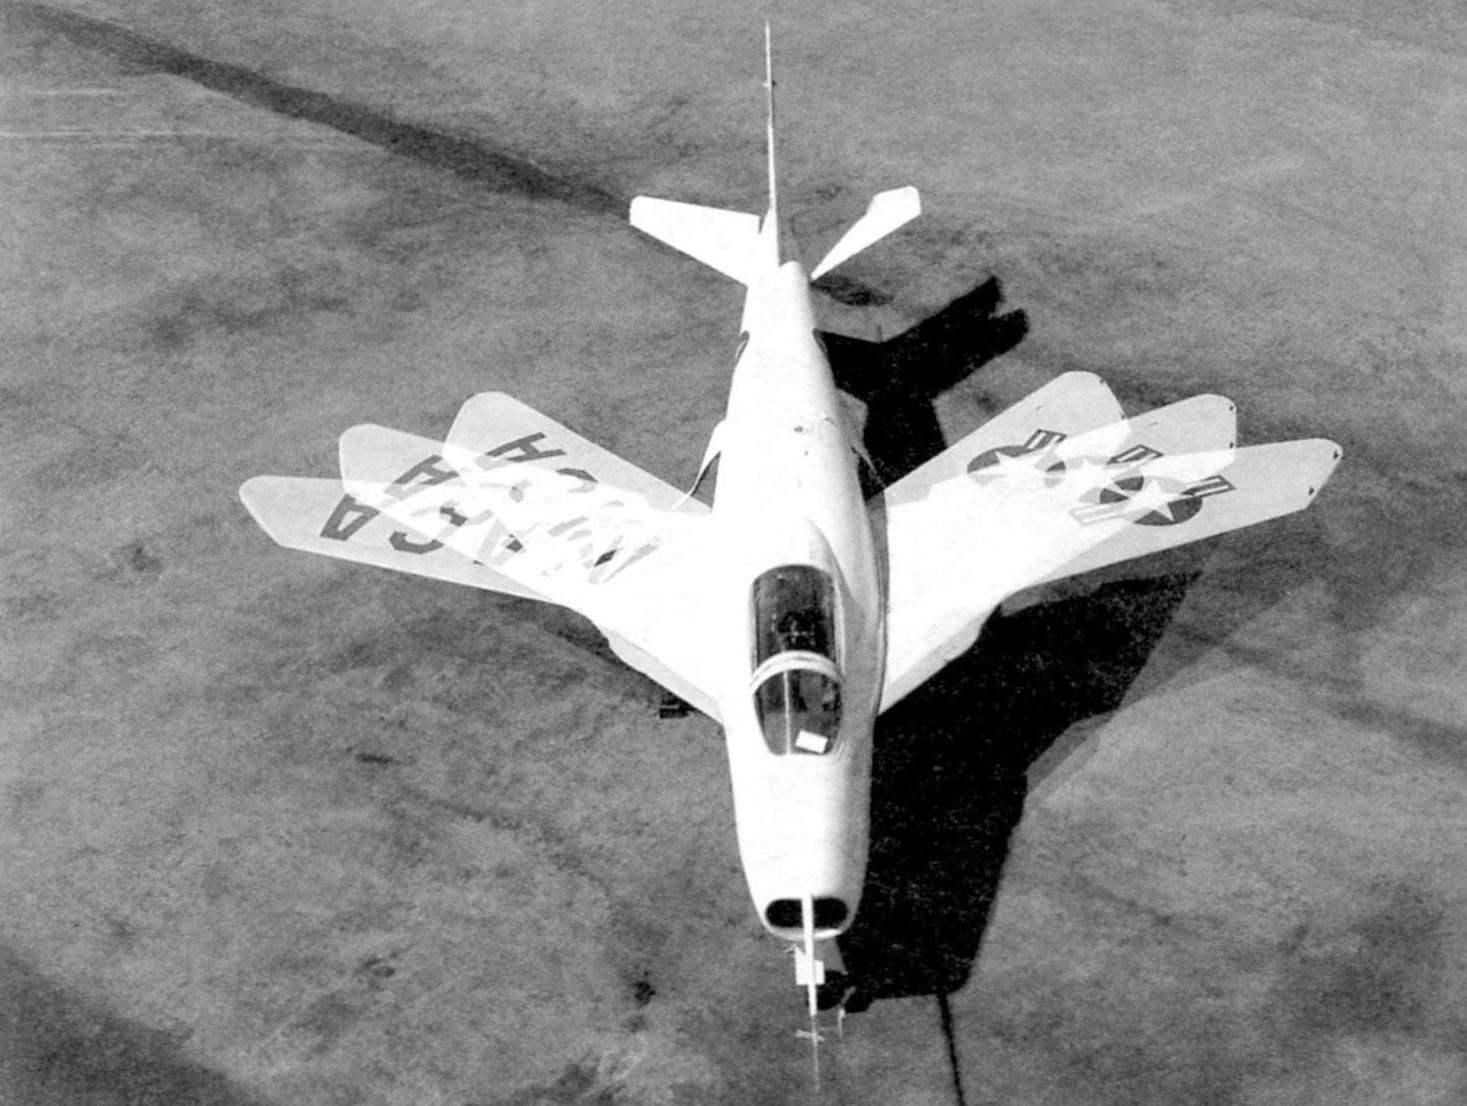 Экспериментальный самолёт Х-5 использовался для исследования оптимального угла стреловидности крыла. Крыло переставлялось на земле вручную. В некоторых источниках говорится, что самолёт Х-5 - первый истребитель с изменяемой в полёте стреловидностью, но это не так. Фото NACA-NASA